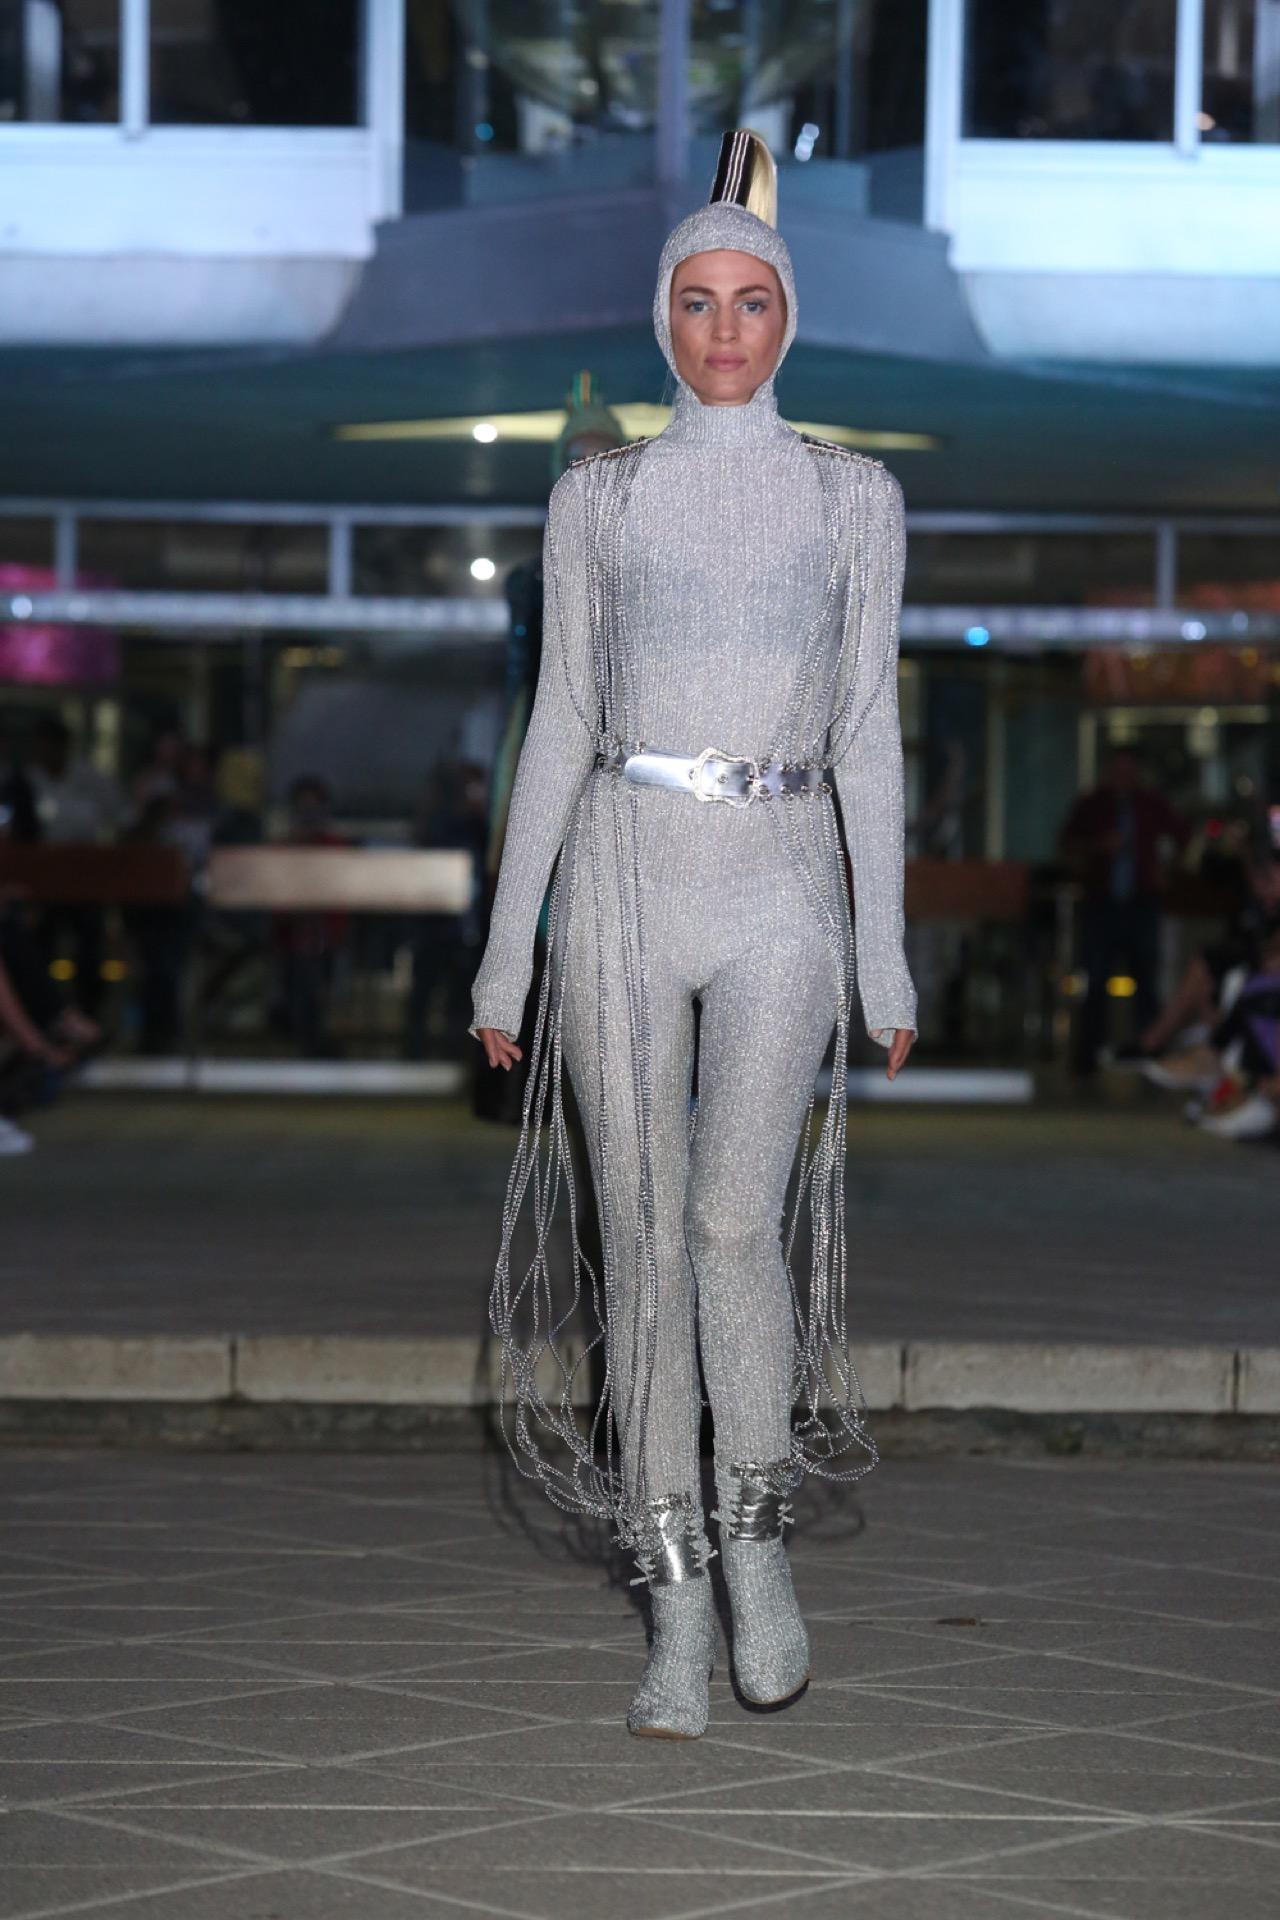 #PARA TI - DESFILES - Moda - 01- GENTILEZA MARCAS